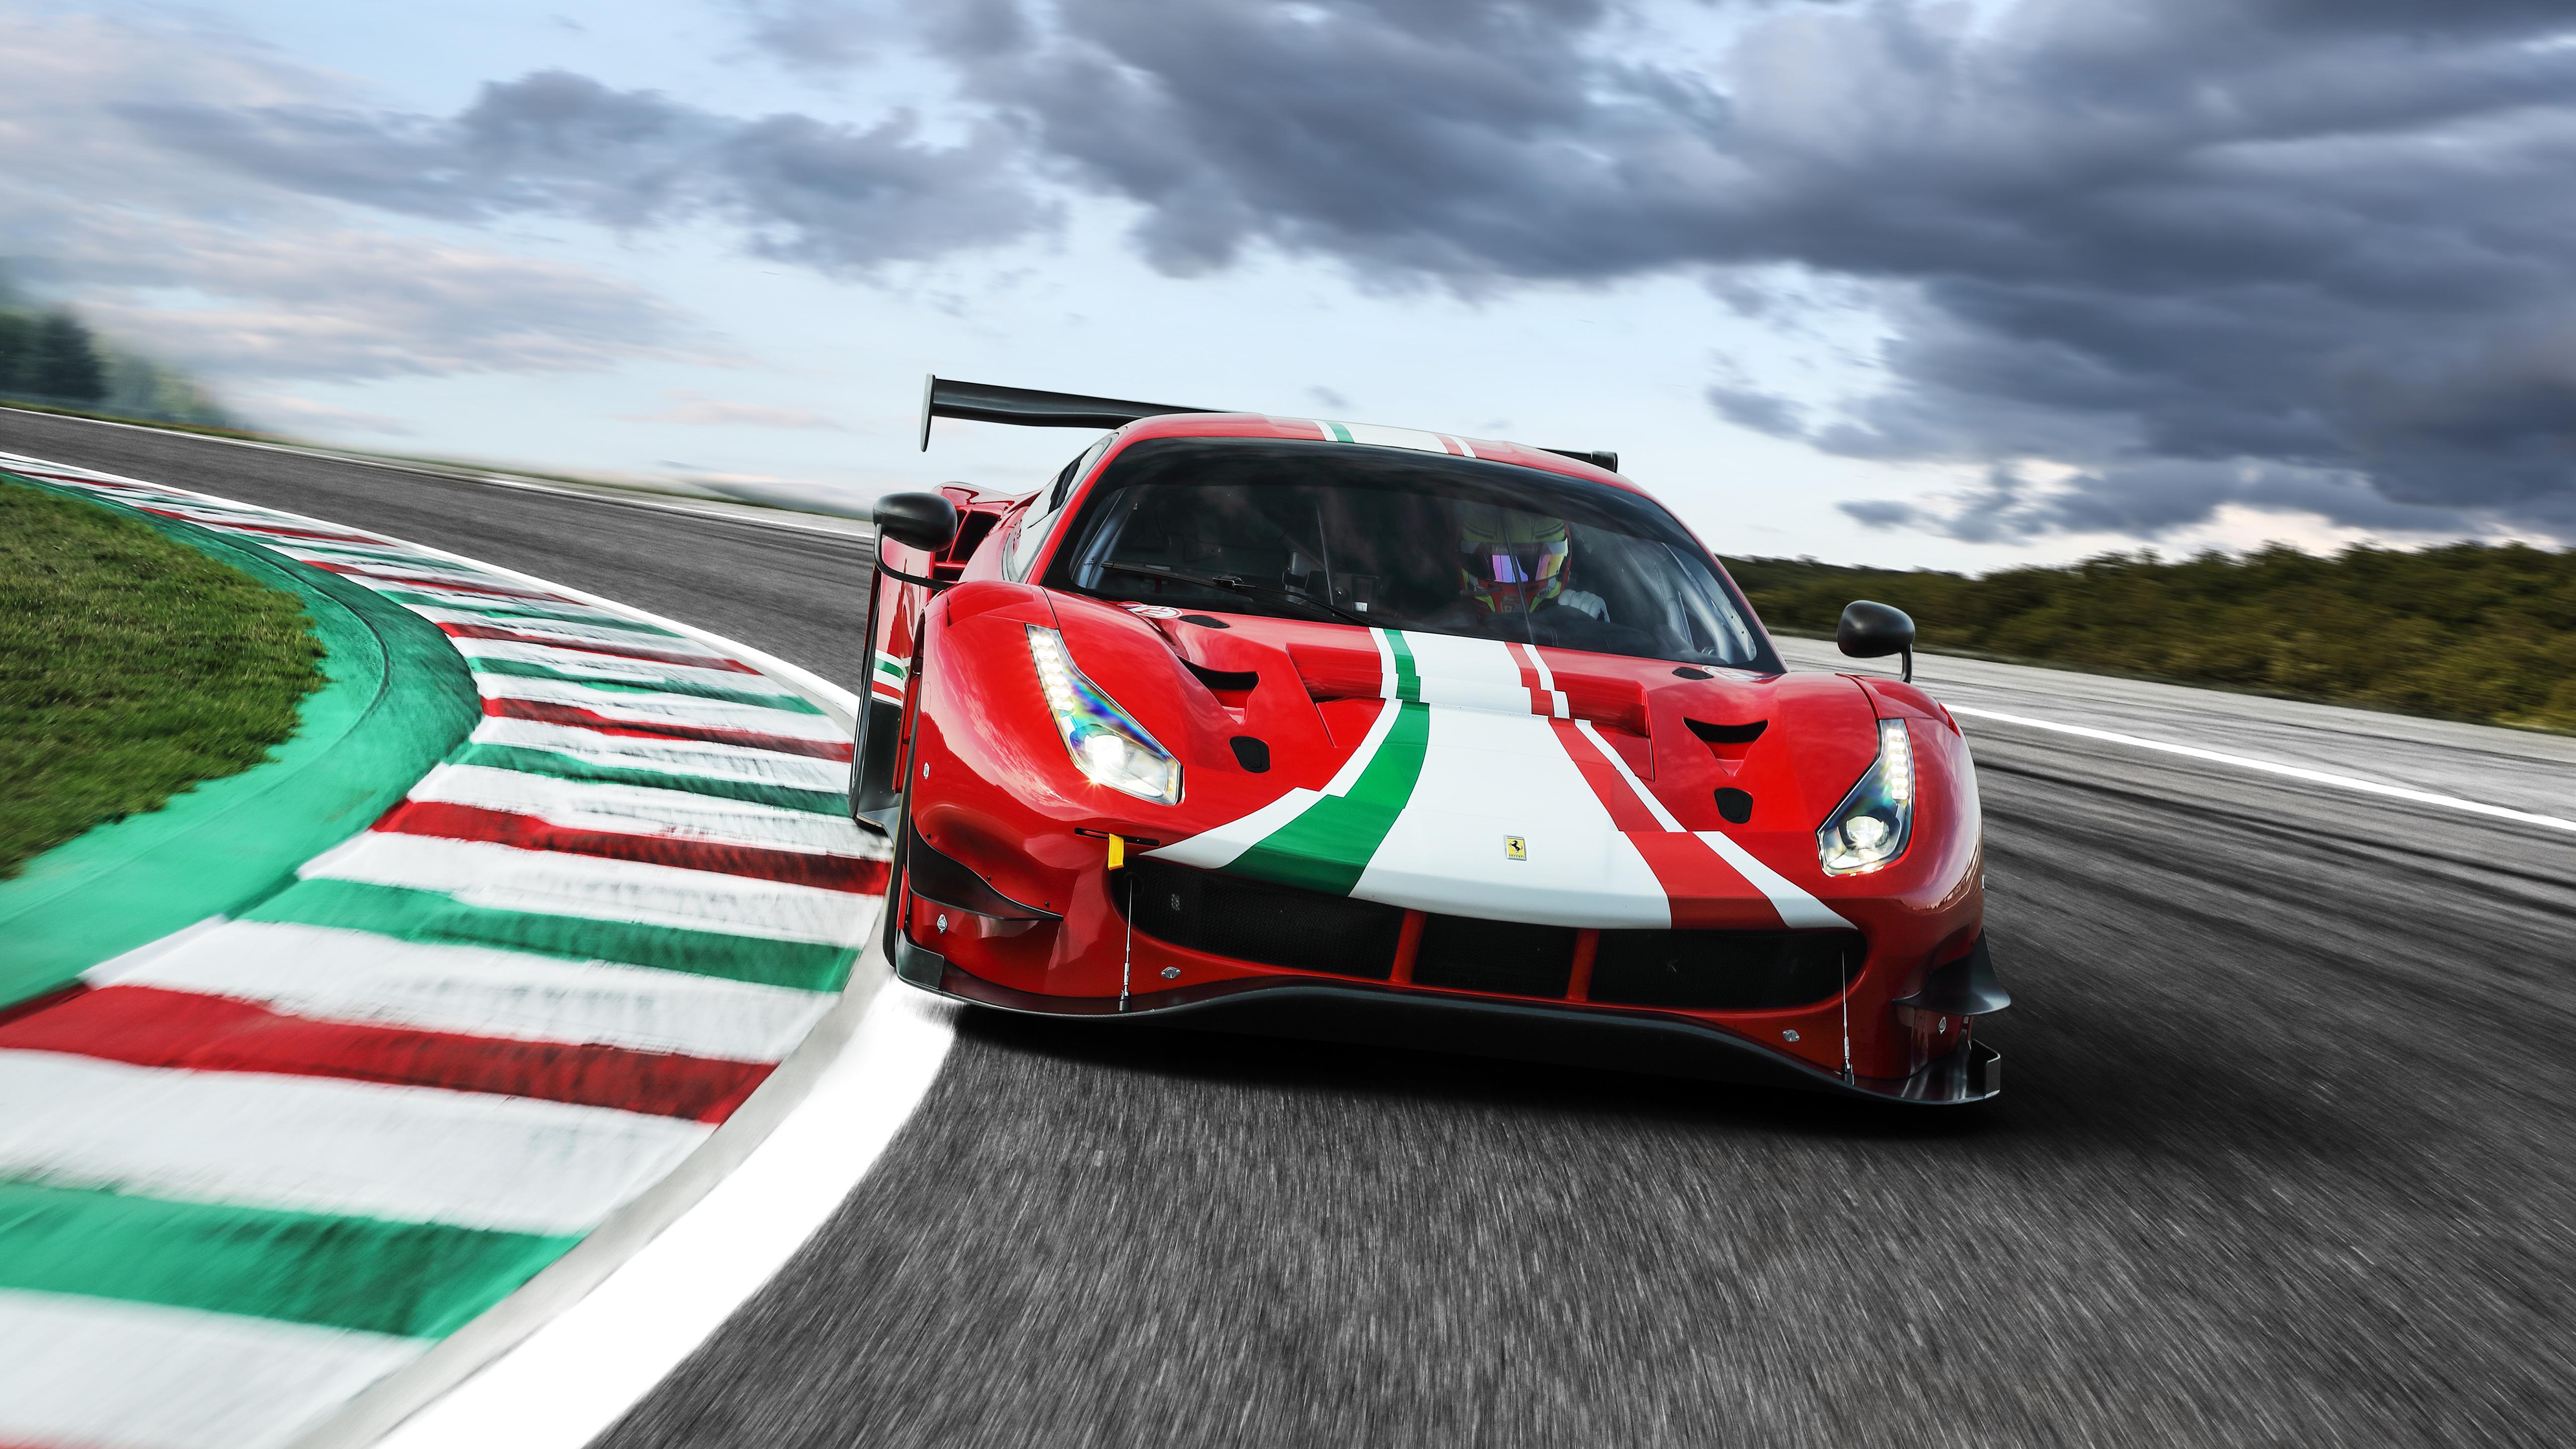 Ferrari 488 GT3 Evo 2020 5K 3 Wallpaper HD Car Wallpapers ID 5120x2880